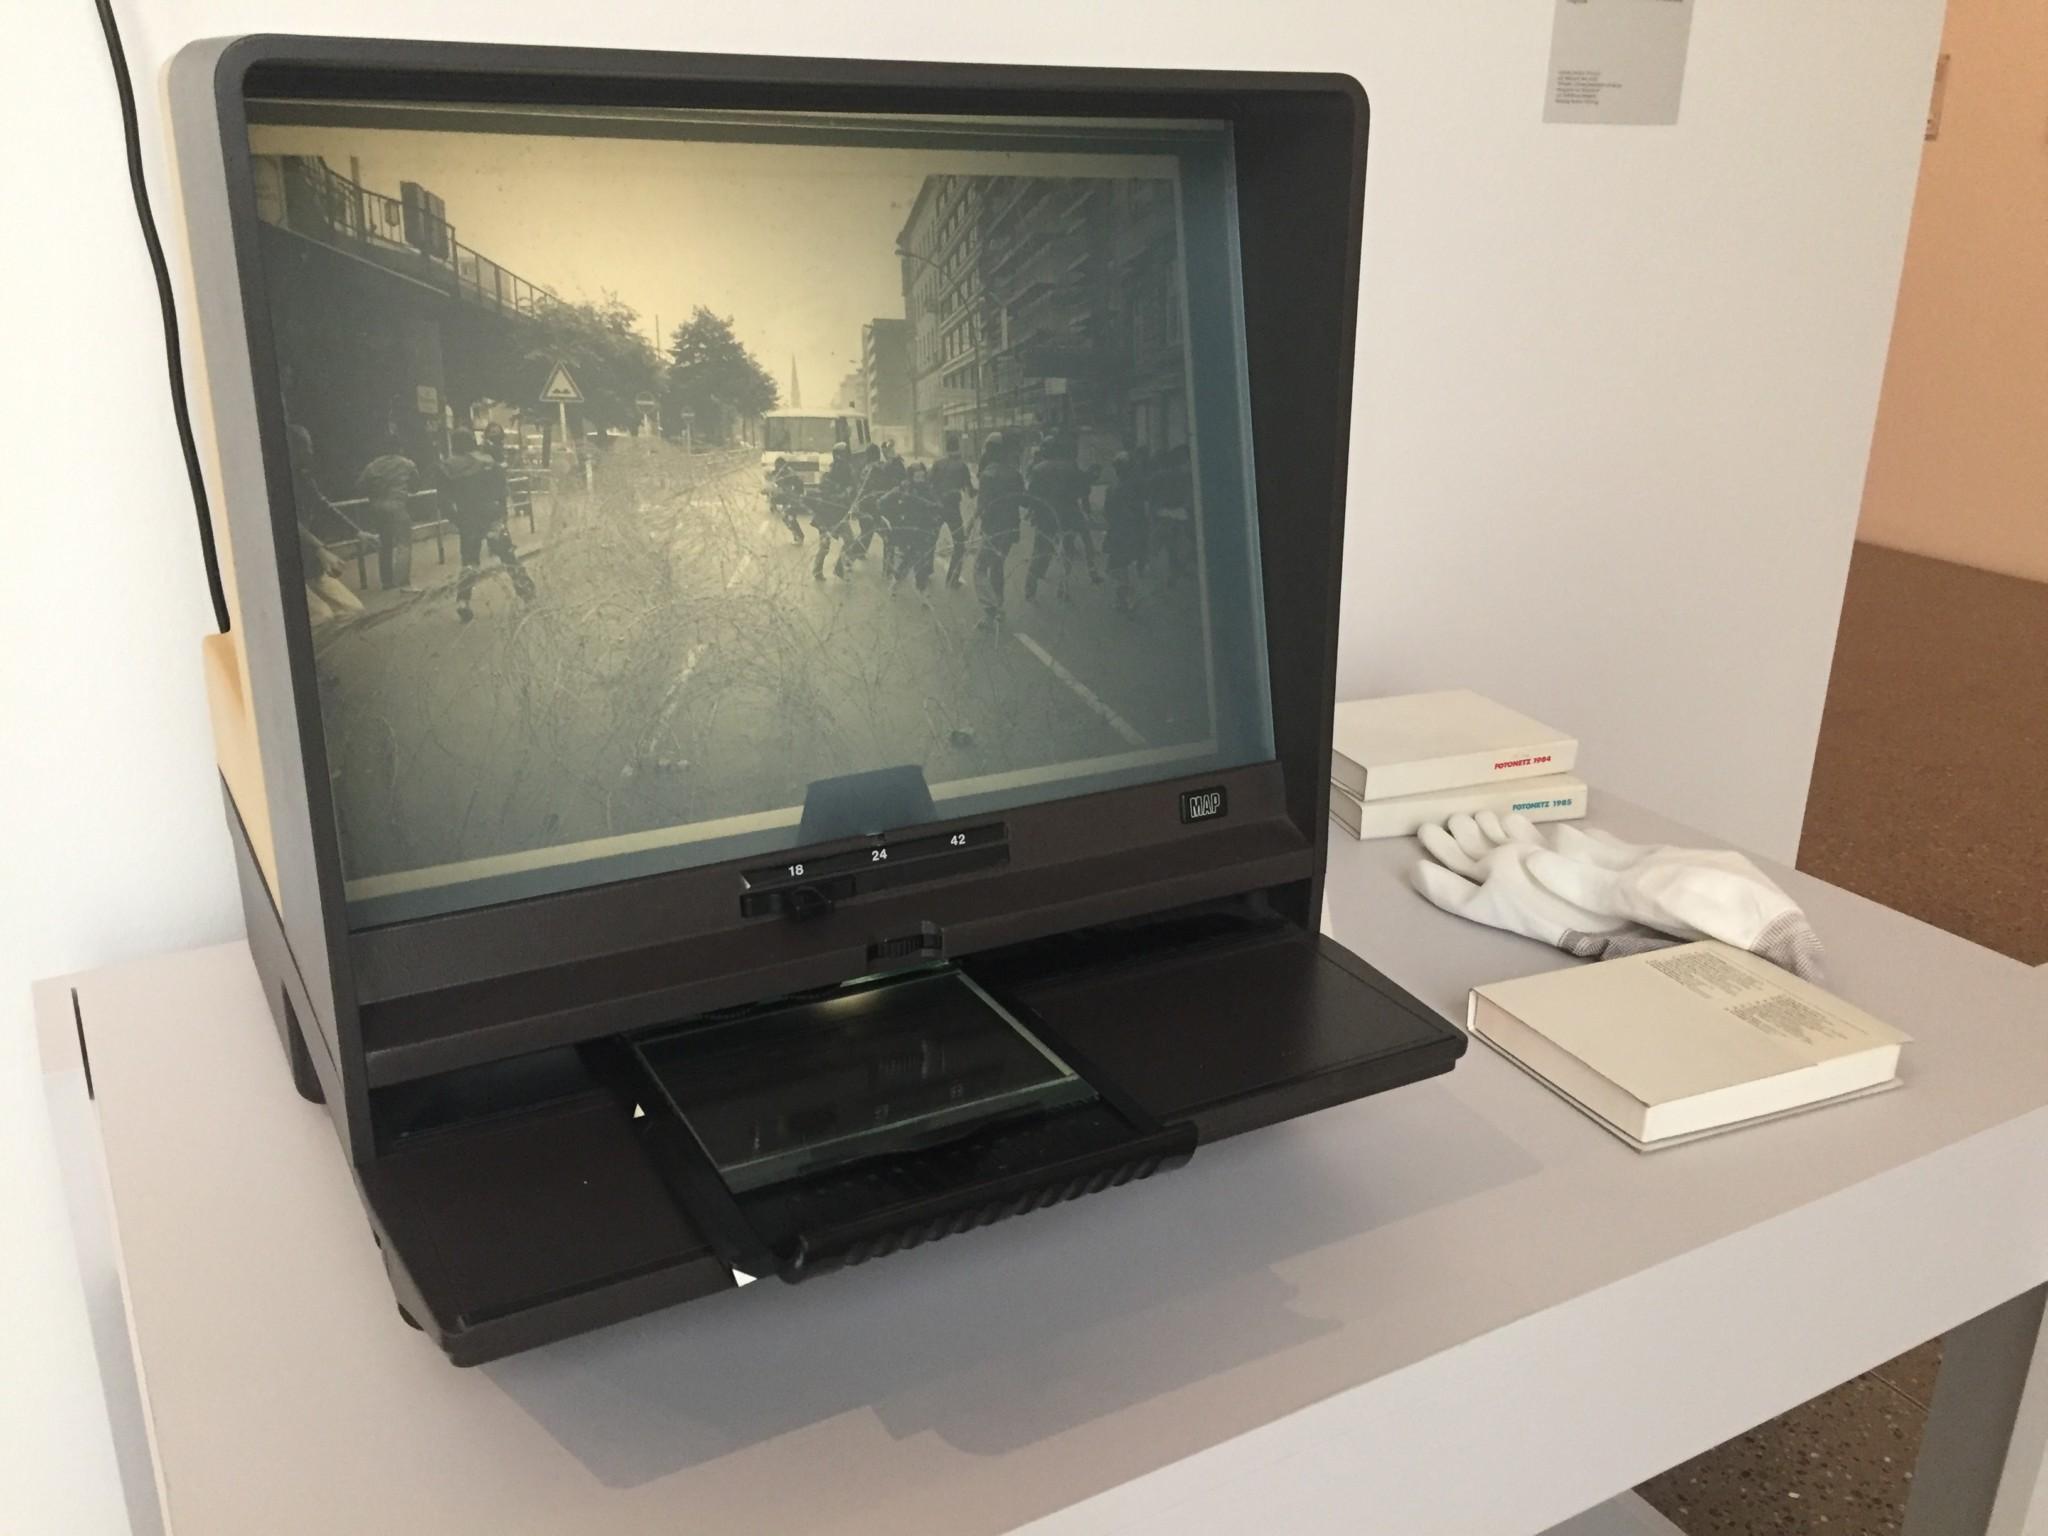 Microfiche-Lesegerät mit der Arbeit Fotonetz. Auf dem Monitor ein Foto von Kurt Schrage zur Anti Reagan Demo in Berlin. Ausstellungsfoto: Peter Liedtke